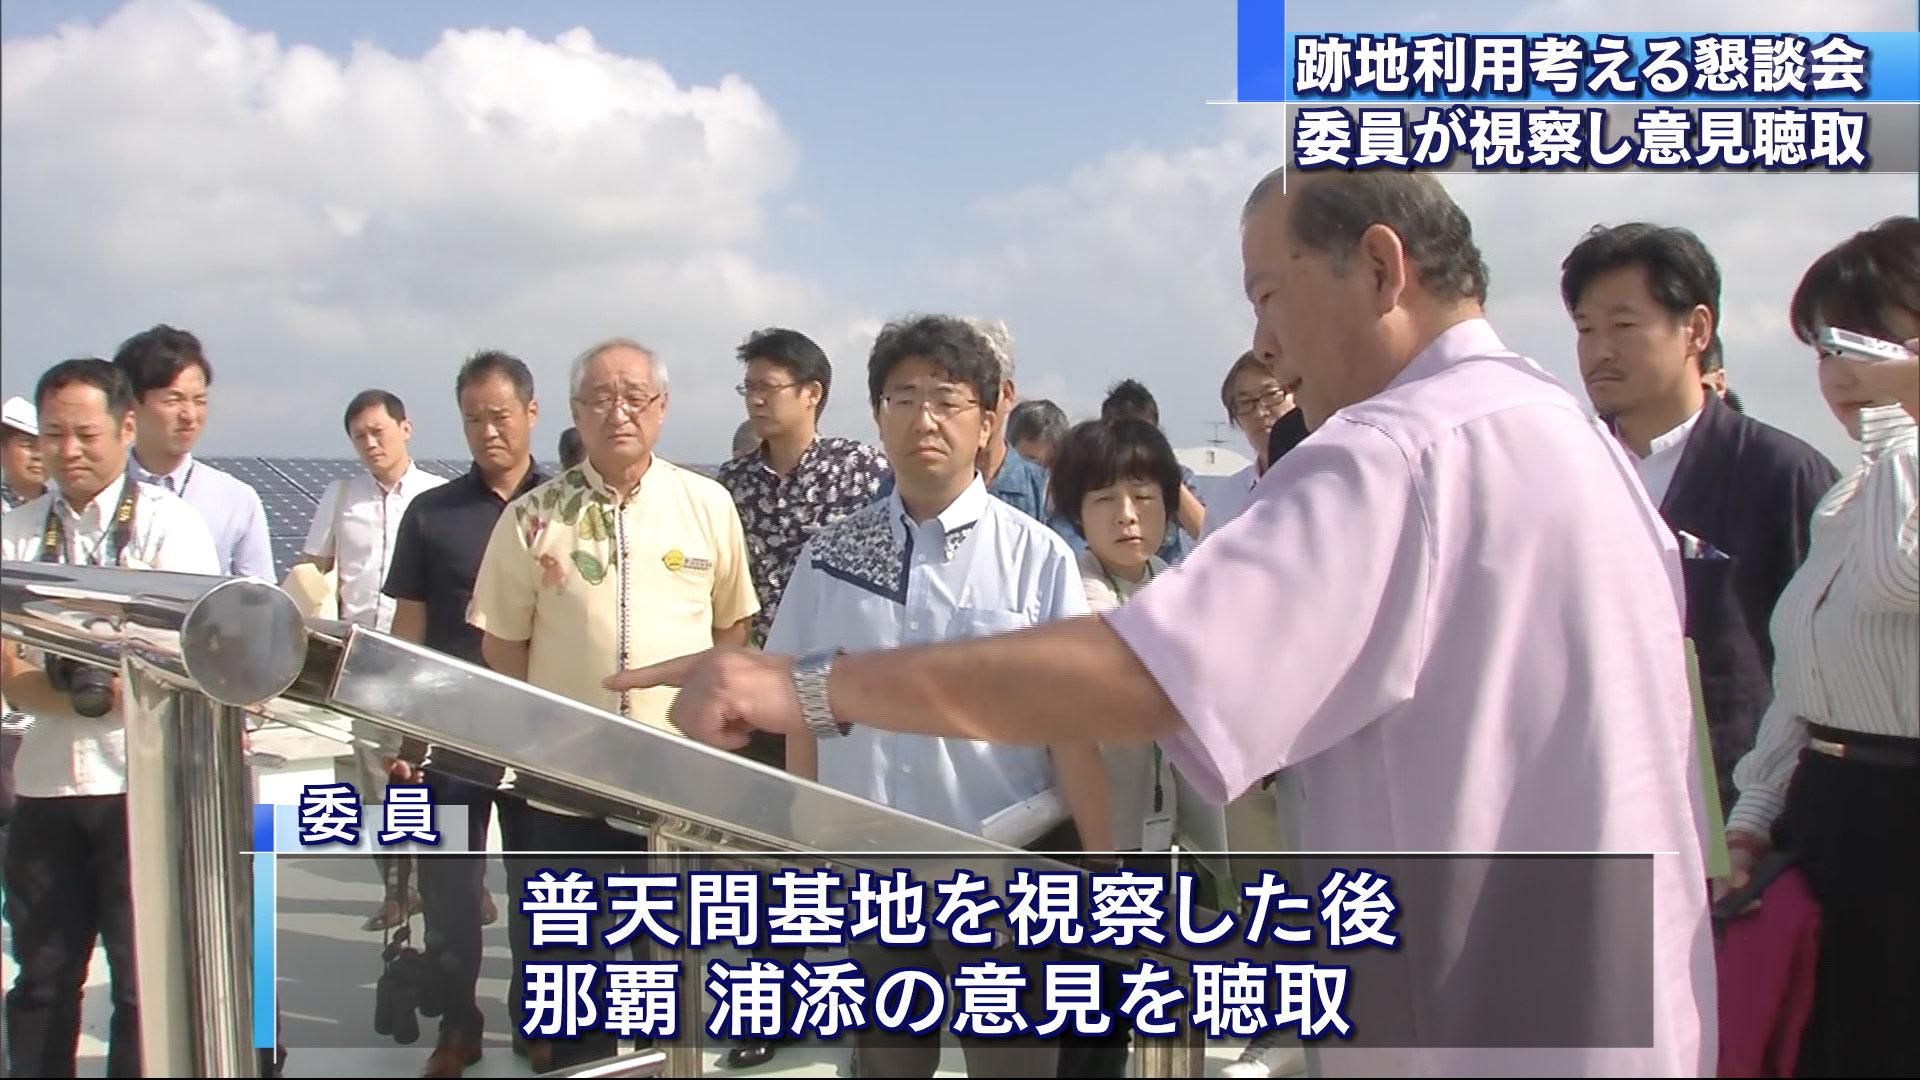 基地跡地の未来に関する懇談会を沖縄で開催